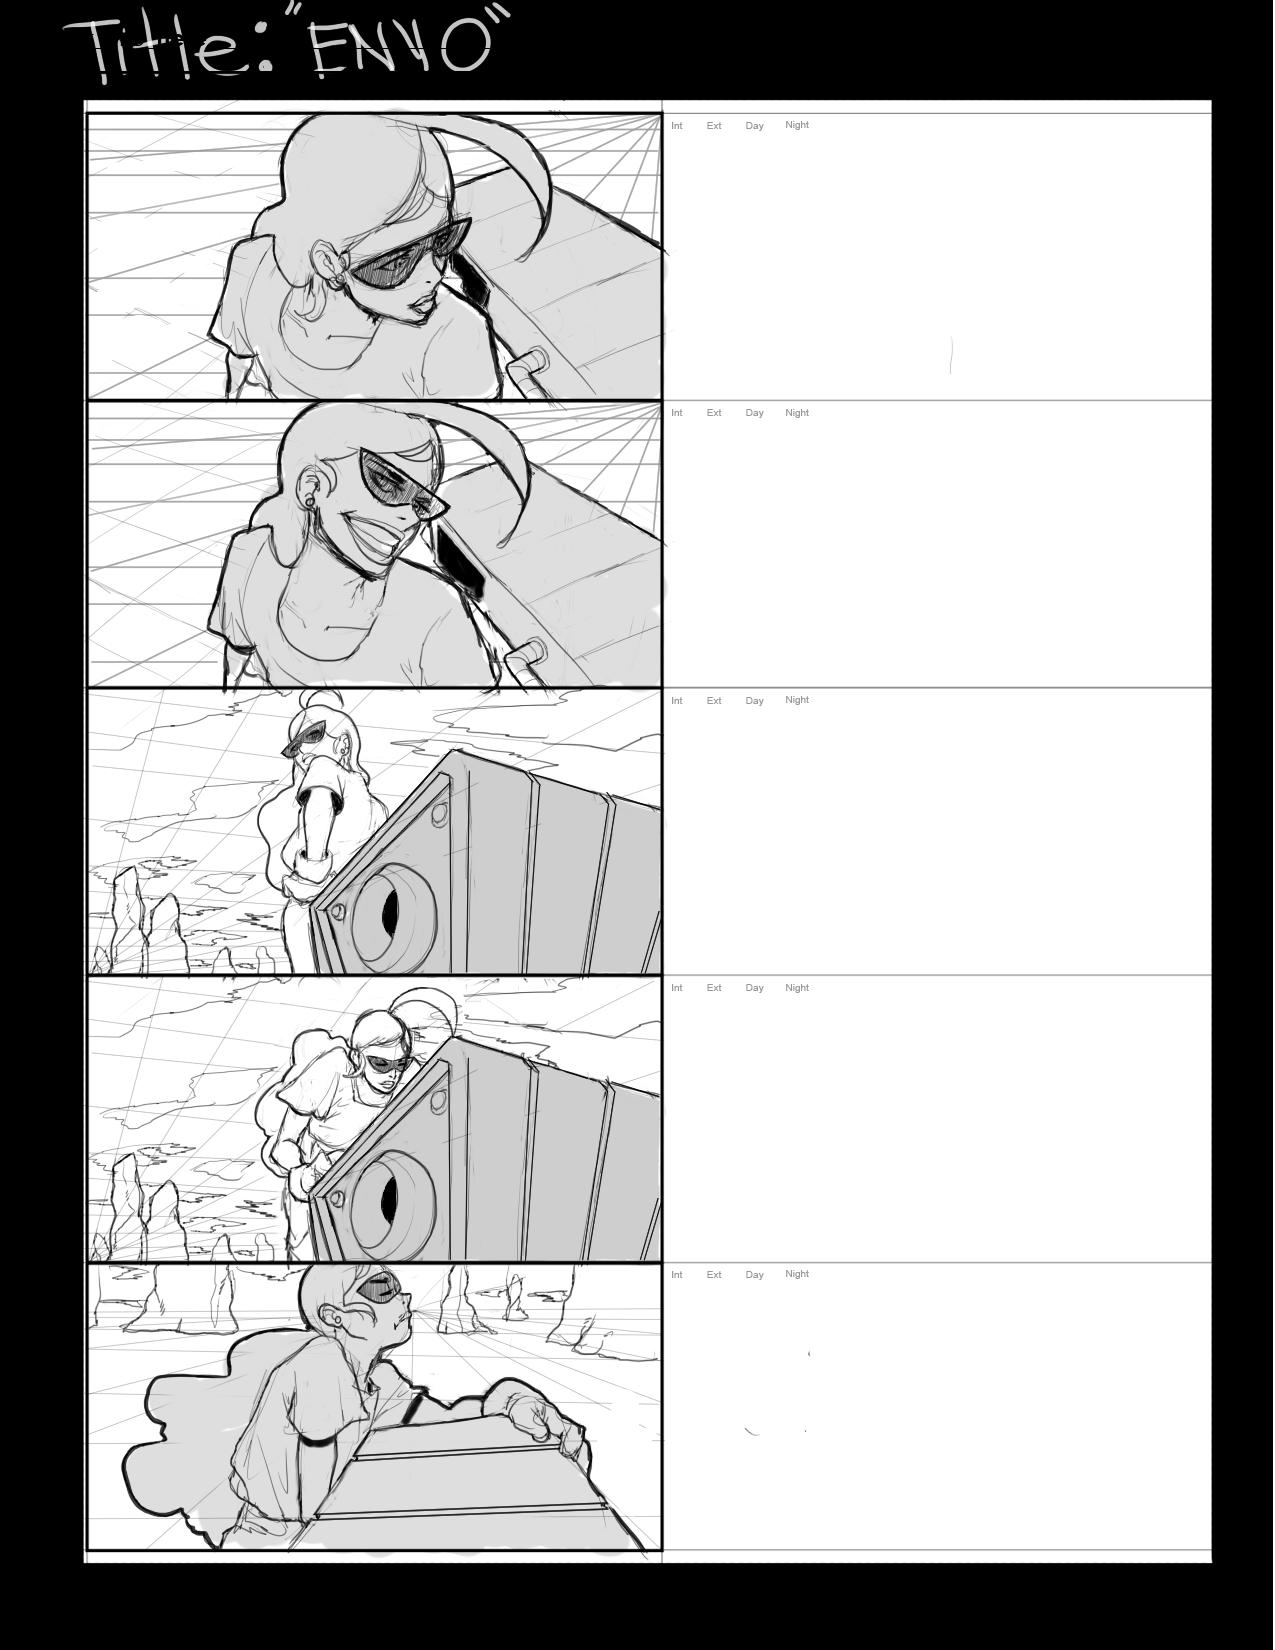 ENYO StoryBoards